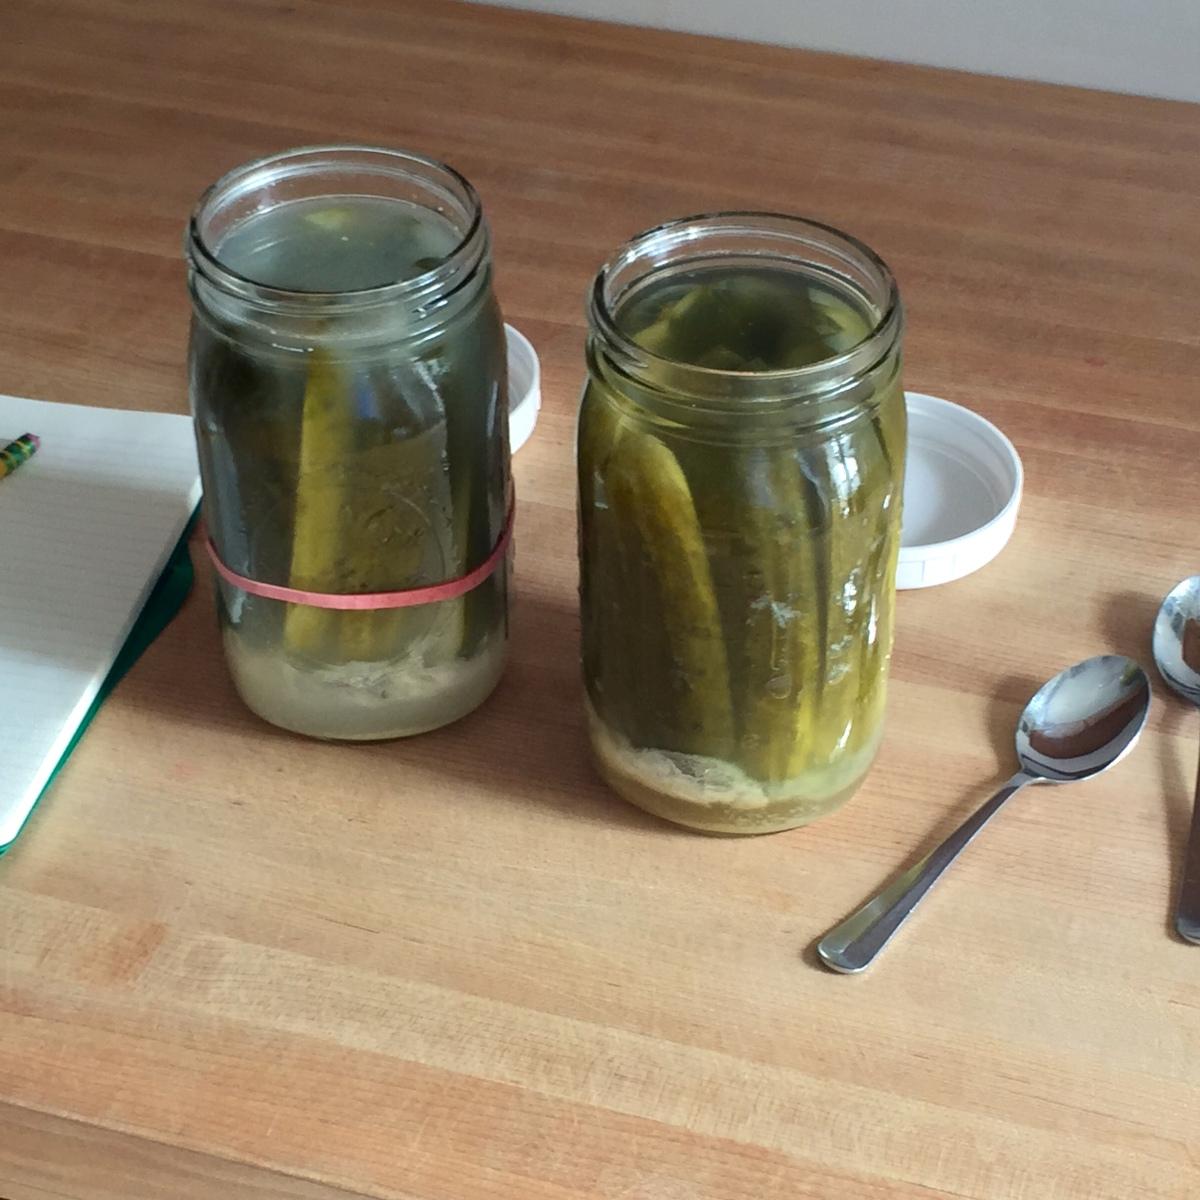 Tasting pickle brine